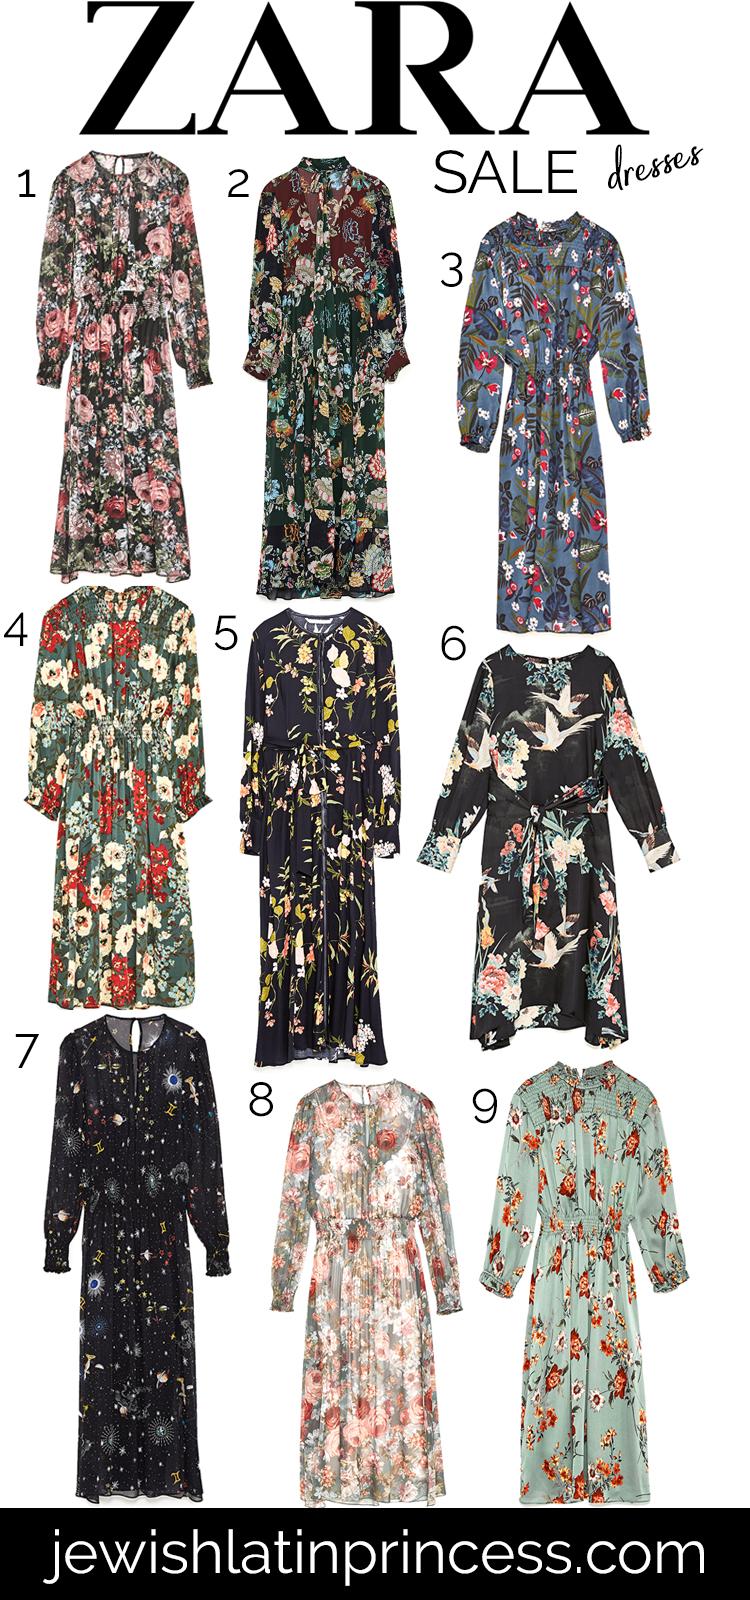 Zara Sale Dresses